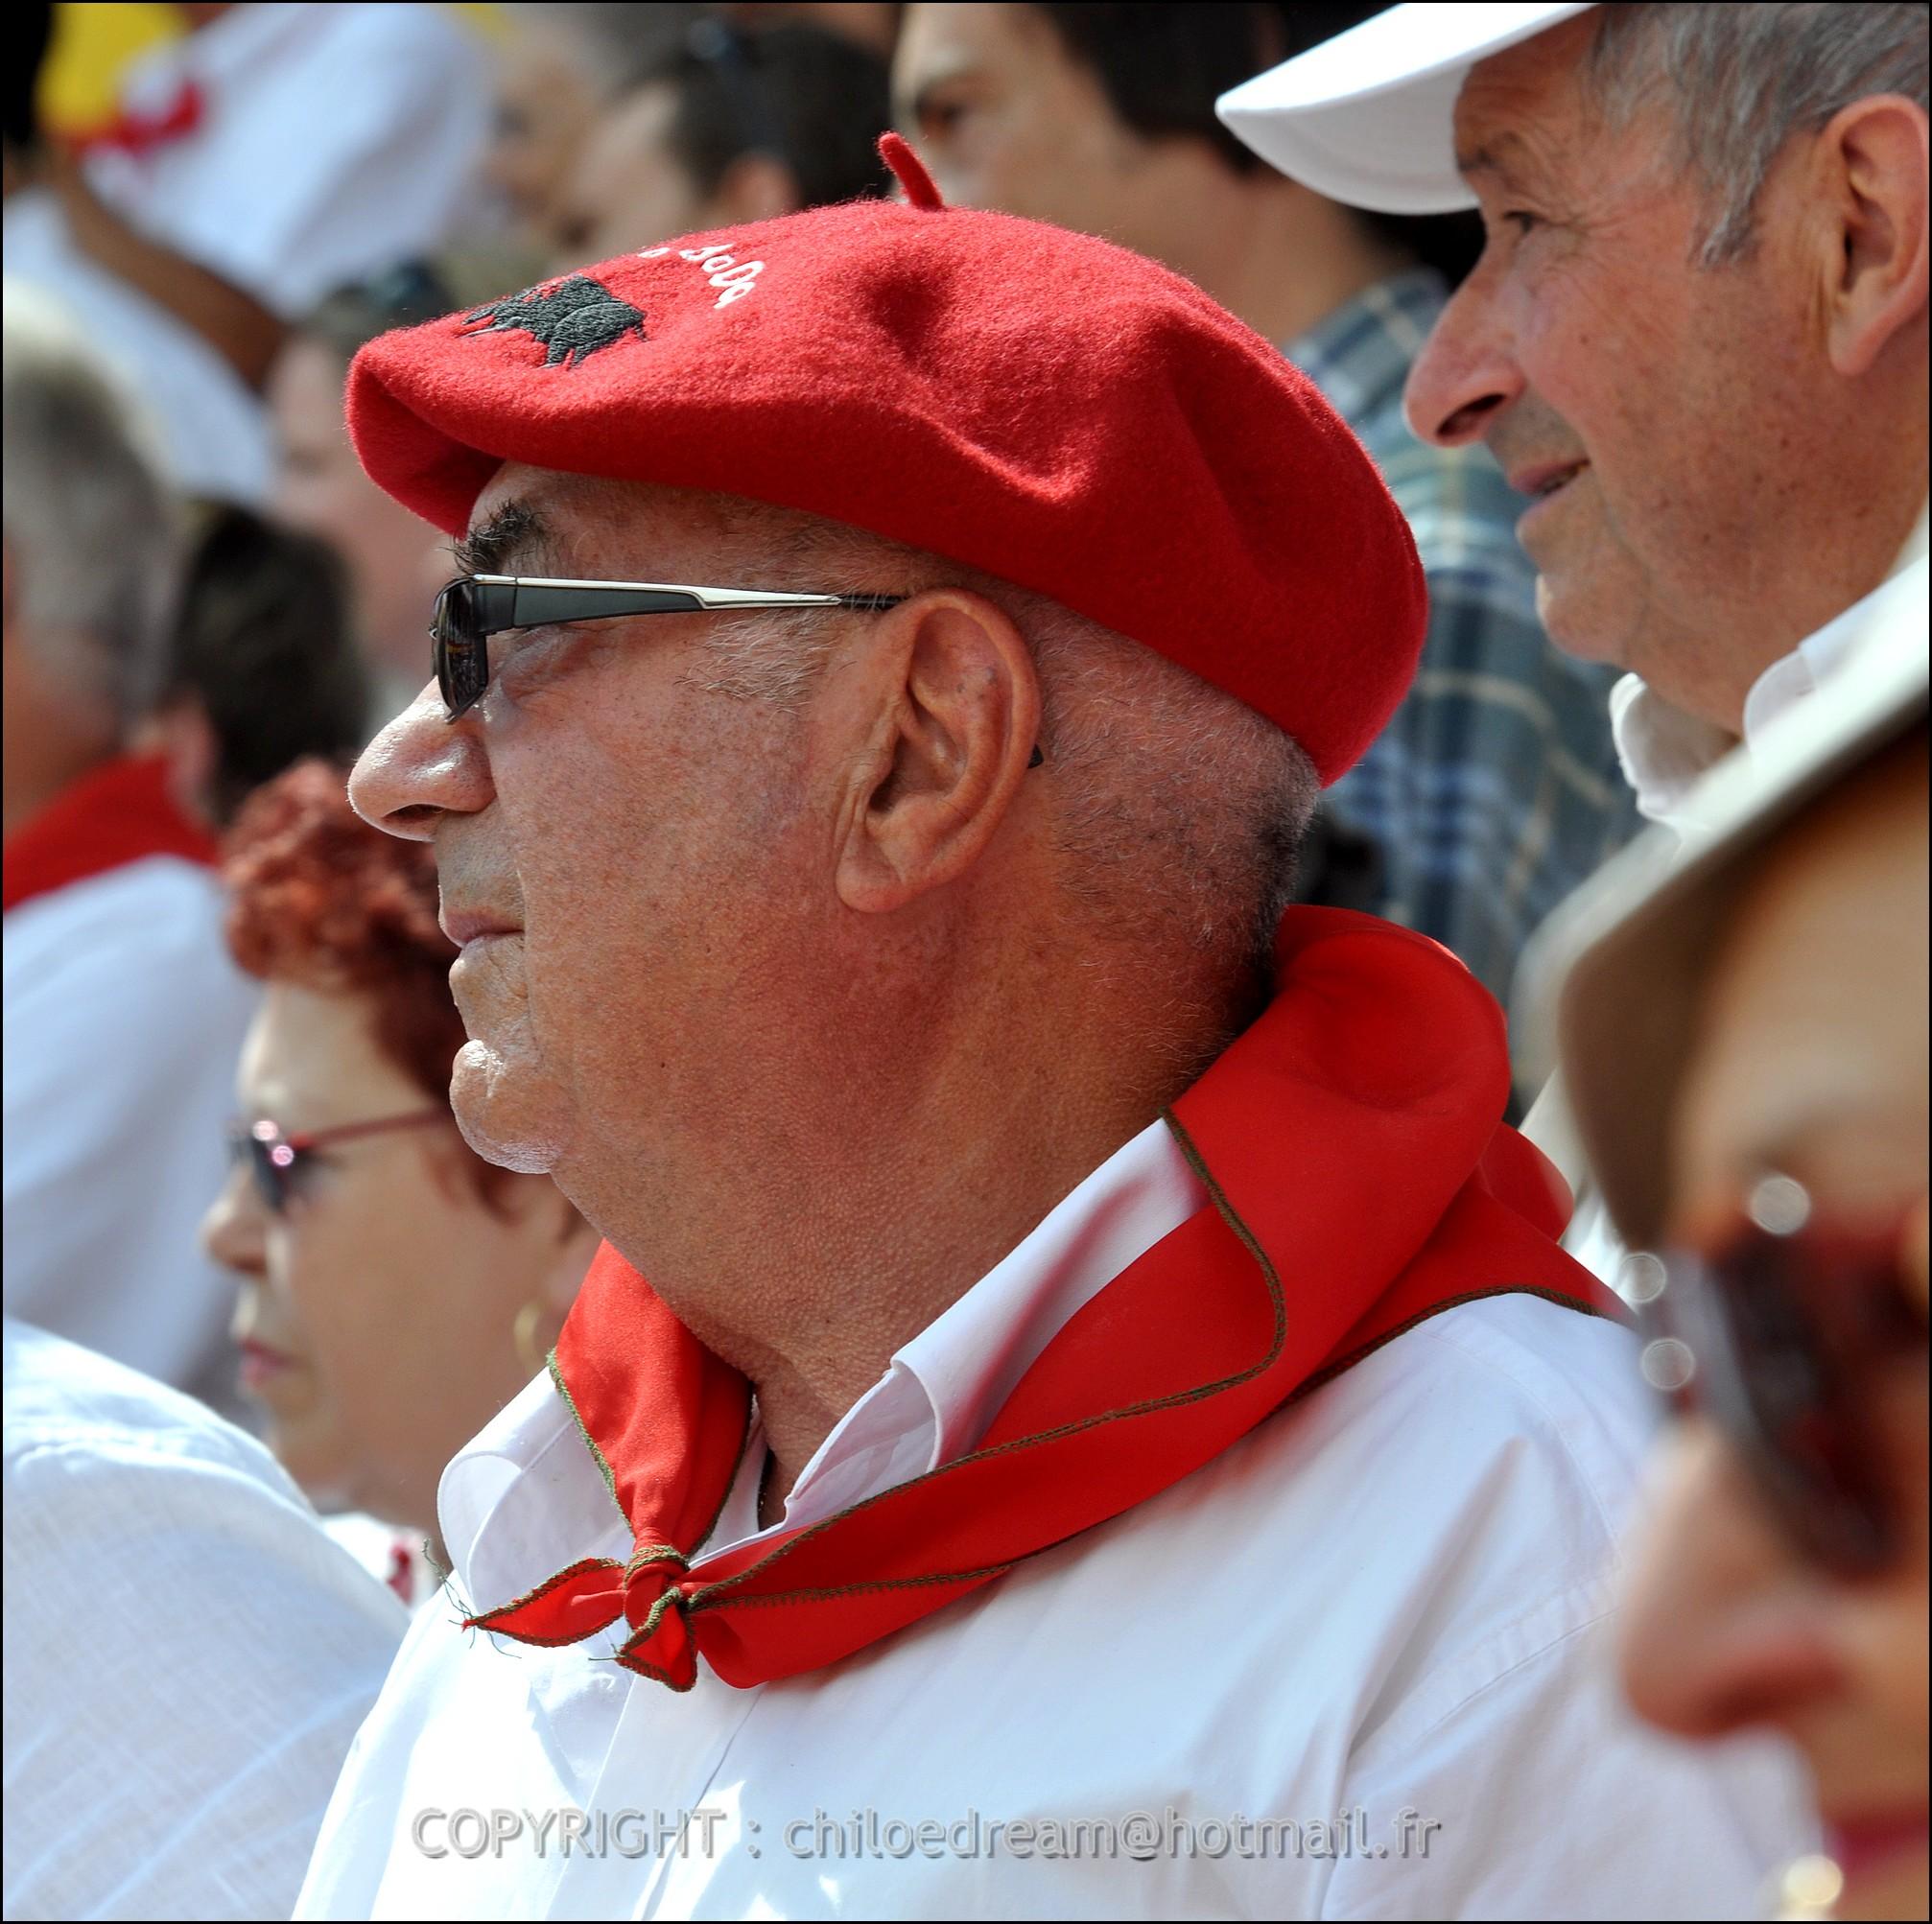 Voyage Pays Basque - Dax ; Corrida à cheval en rouge et blanc 8